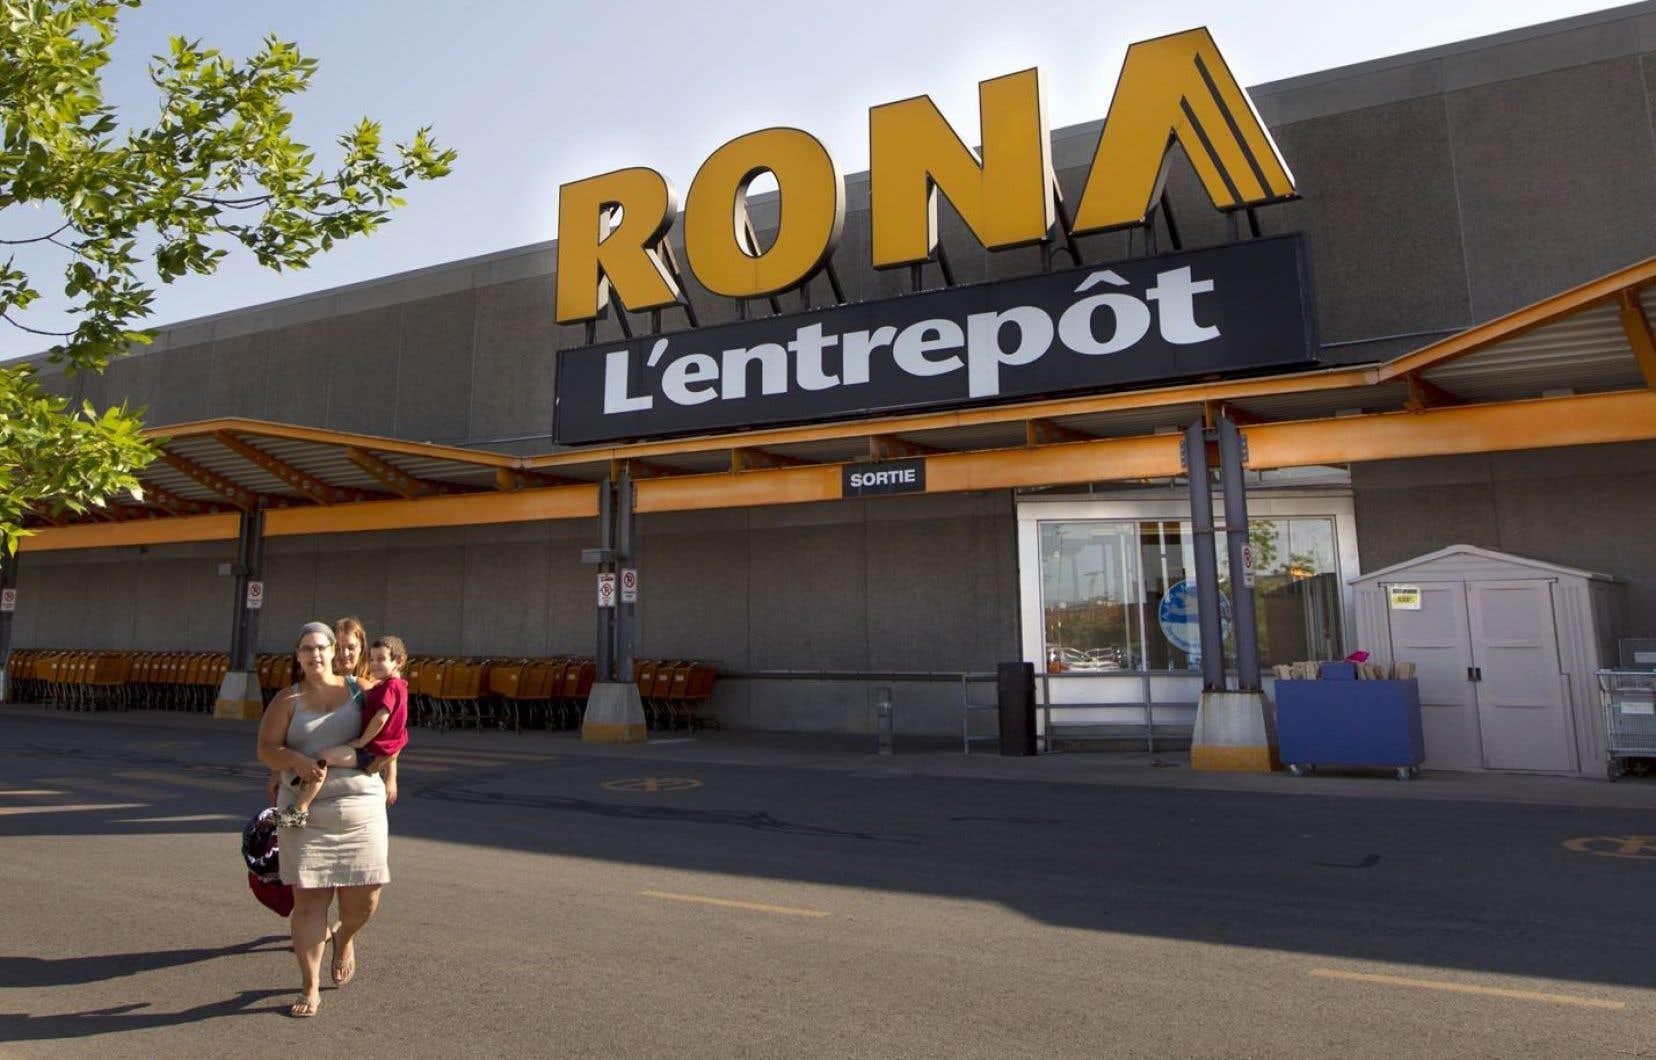 En raison de la conjoncture économique défavorable, Rona a toutefois dû travailler d'arrache-pied pour continuer d'atteindre cet objectif.